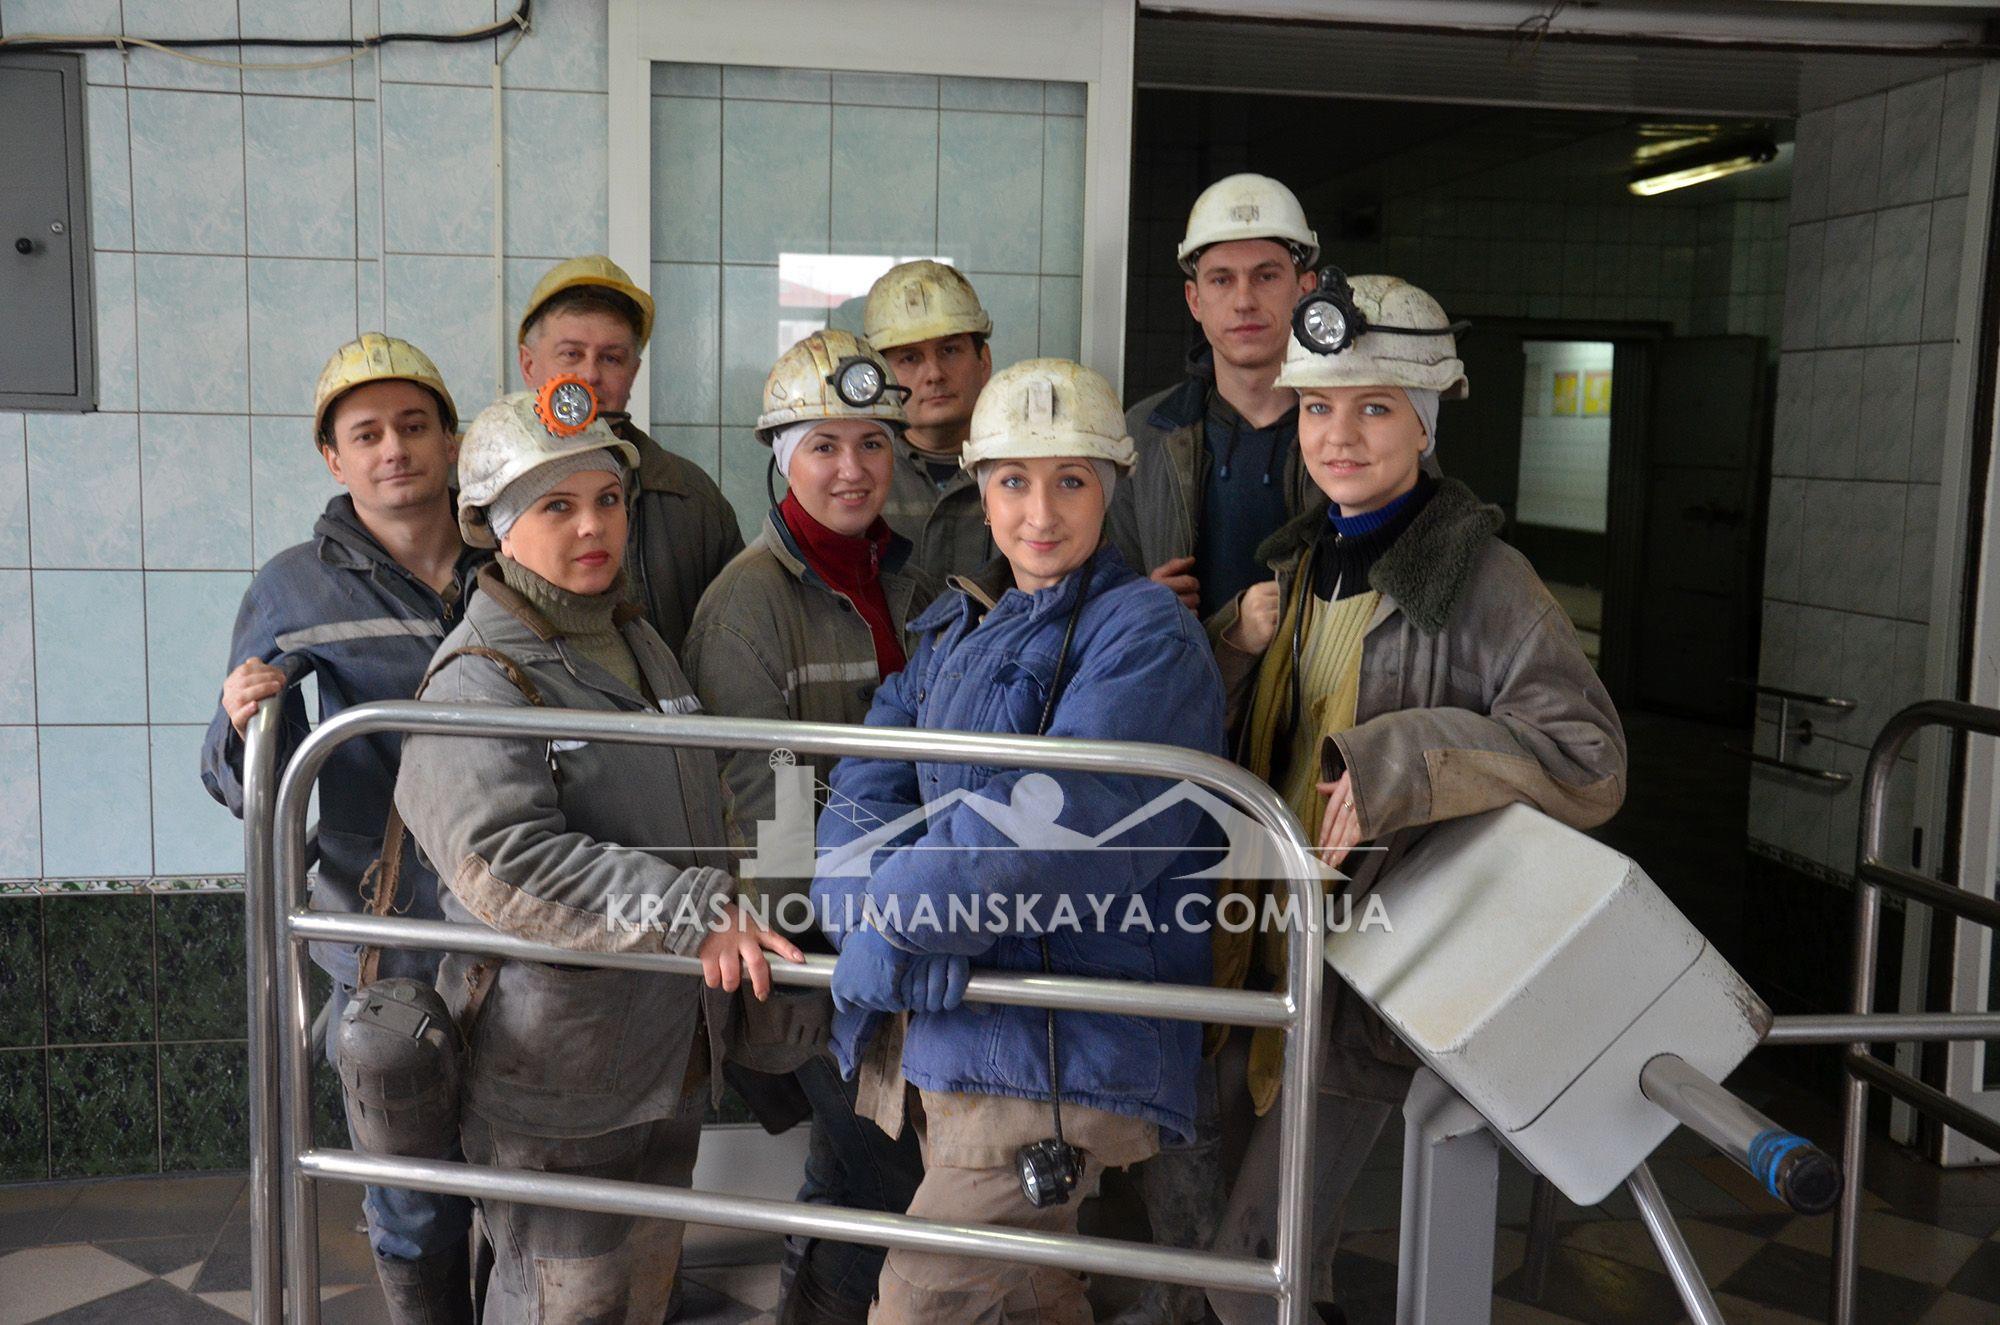 Поздравление маркшейдеру с днем шахтера фото 948